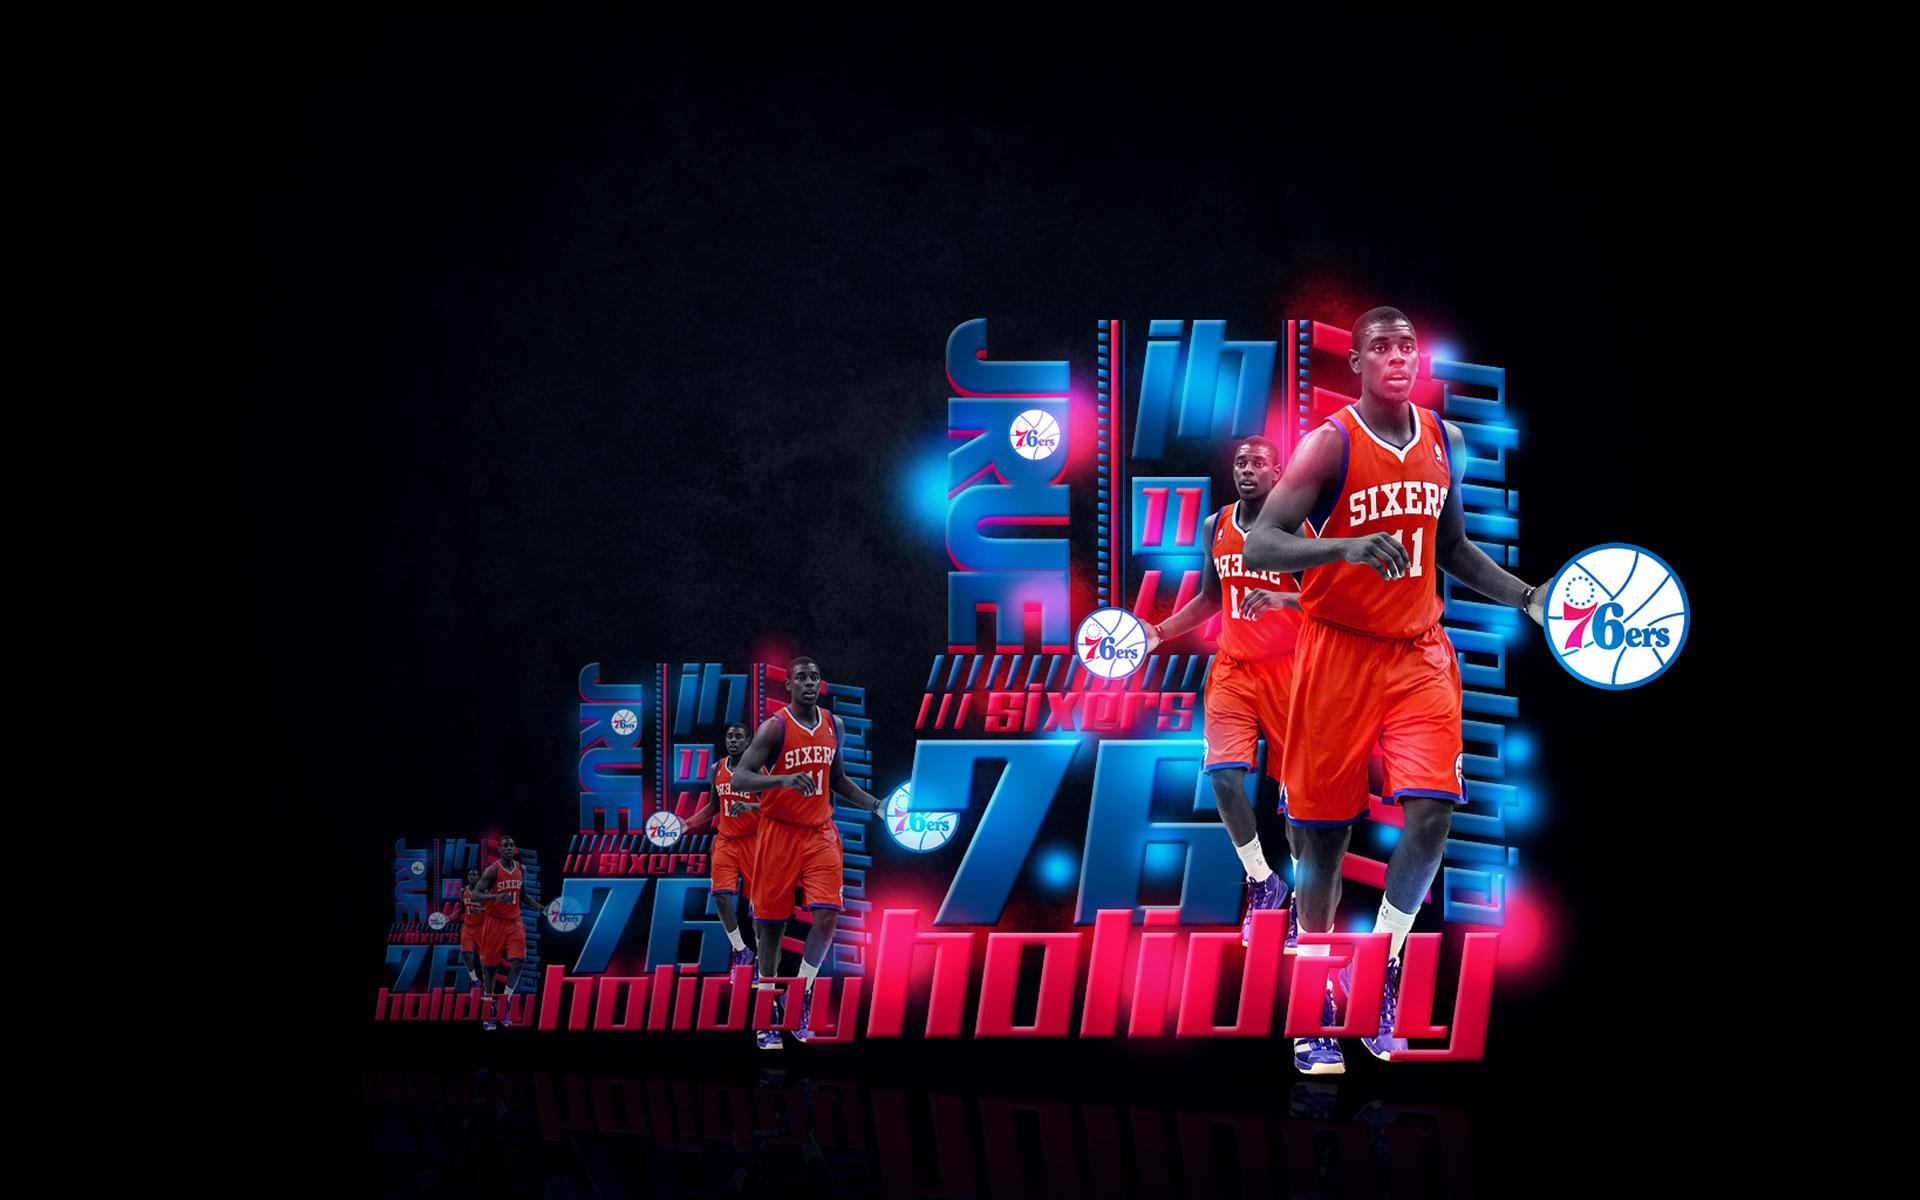 Philadelphia In The Fall Wallpaper Hd 76ers Wallpaper Pixelstalk Net